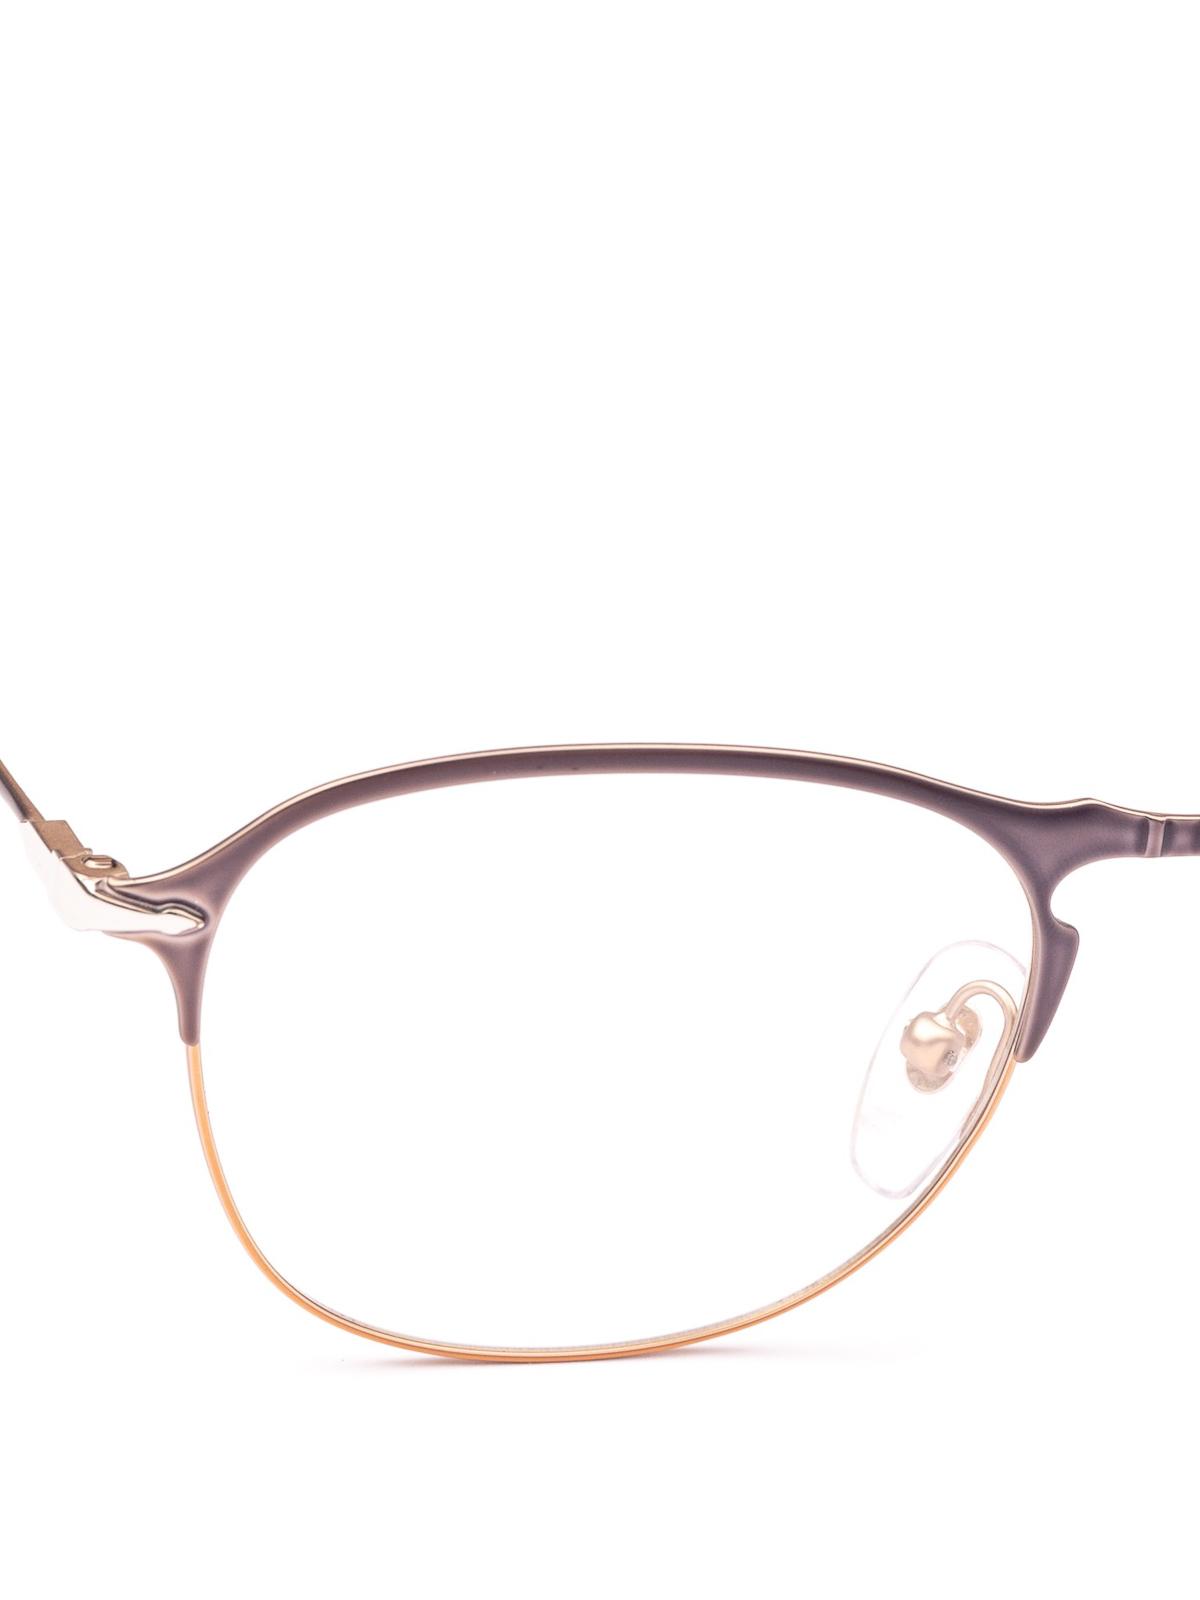 15f9a0c1ae ... Persol 649 Series grey metal eyeglasses glasses PO 7007V 1071 iKRIX ...